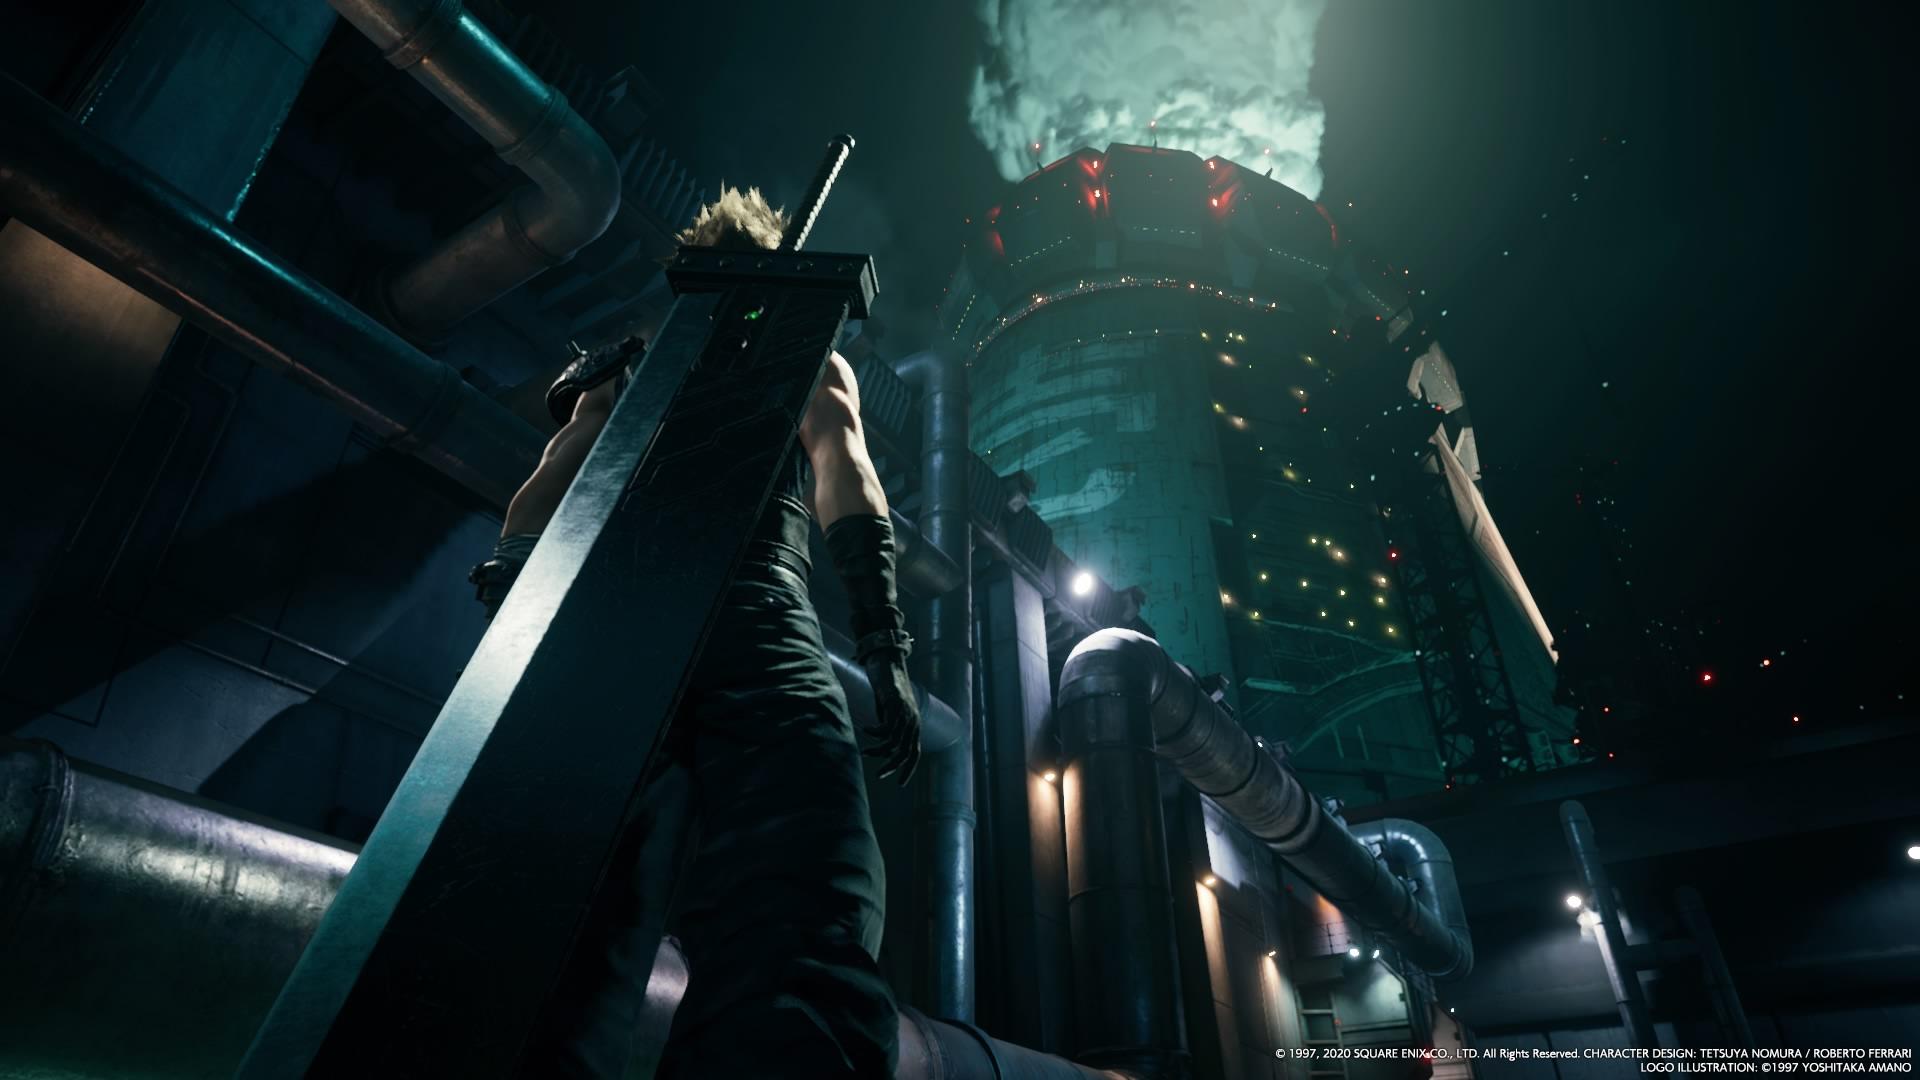 《最终幻想7:重制版》评测:分章节发售可能是当下的最优解